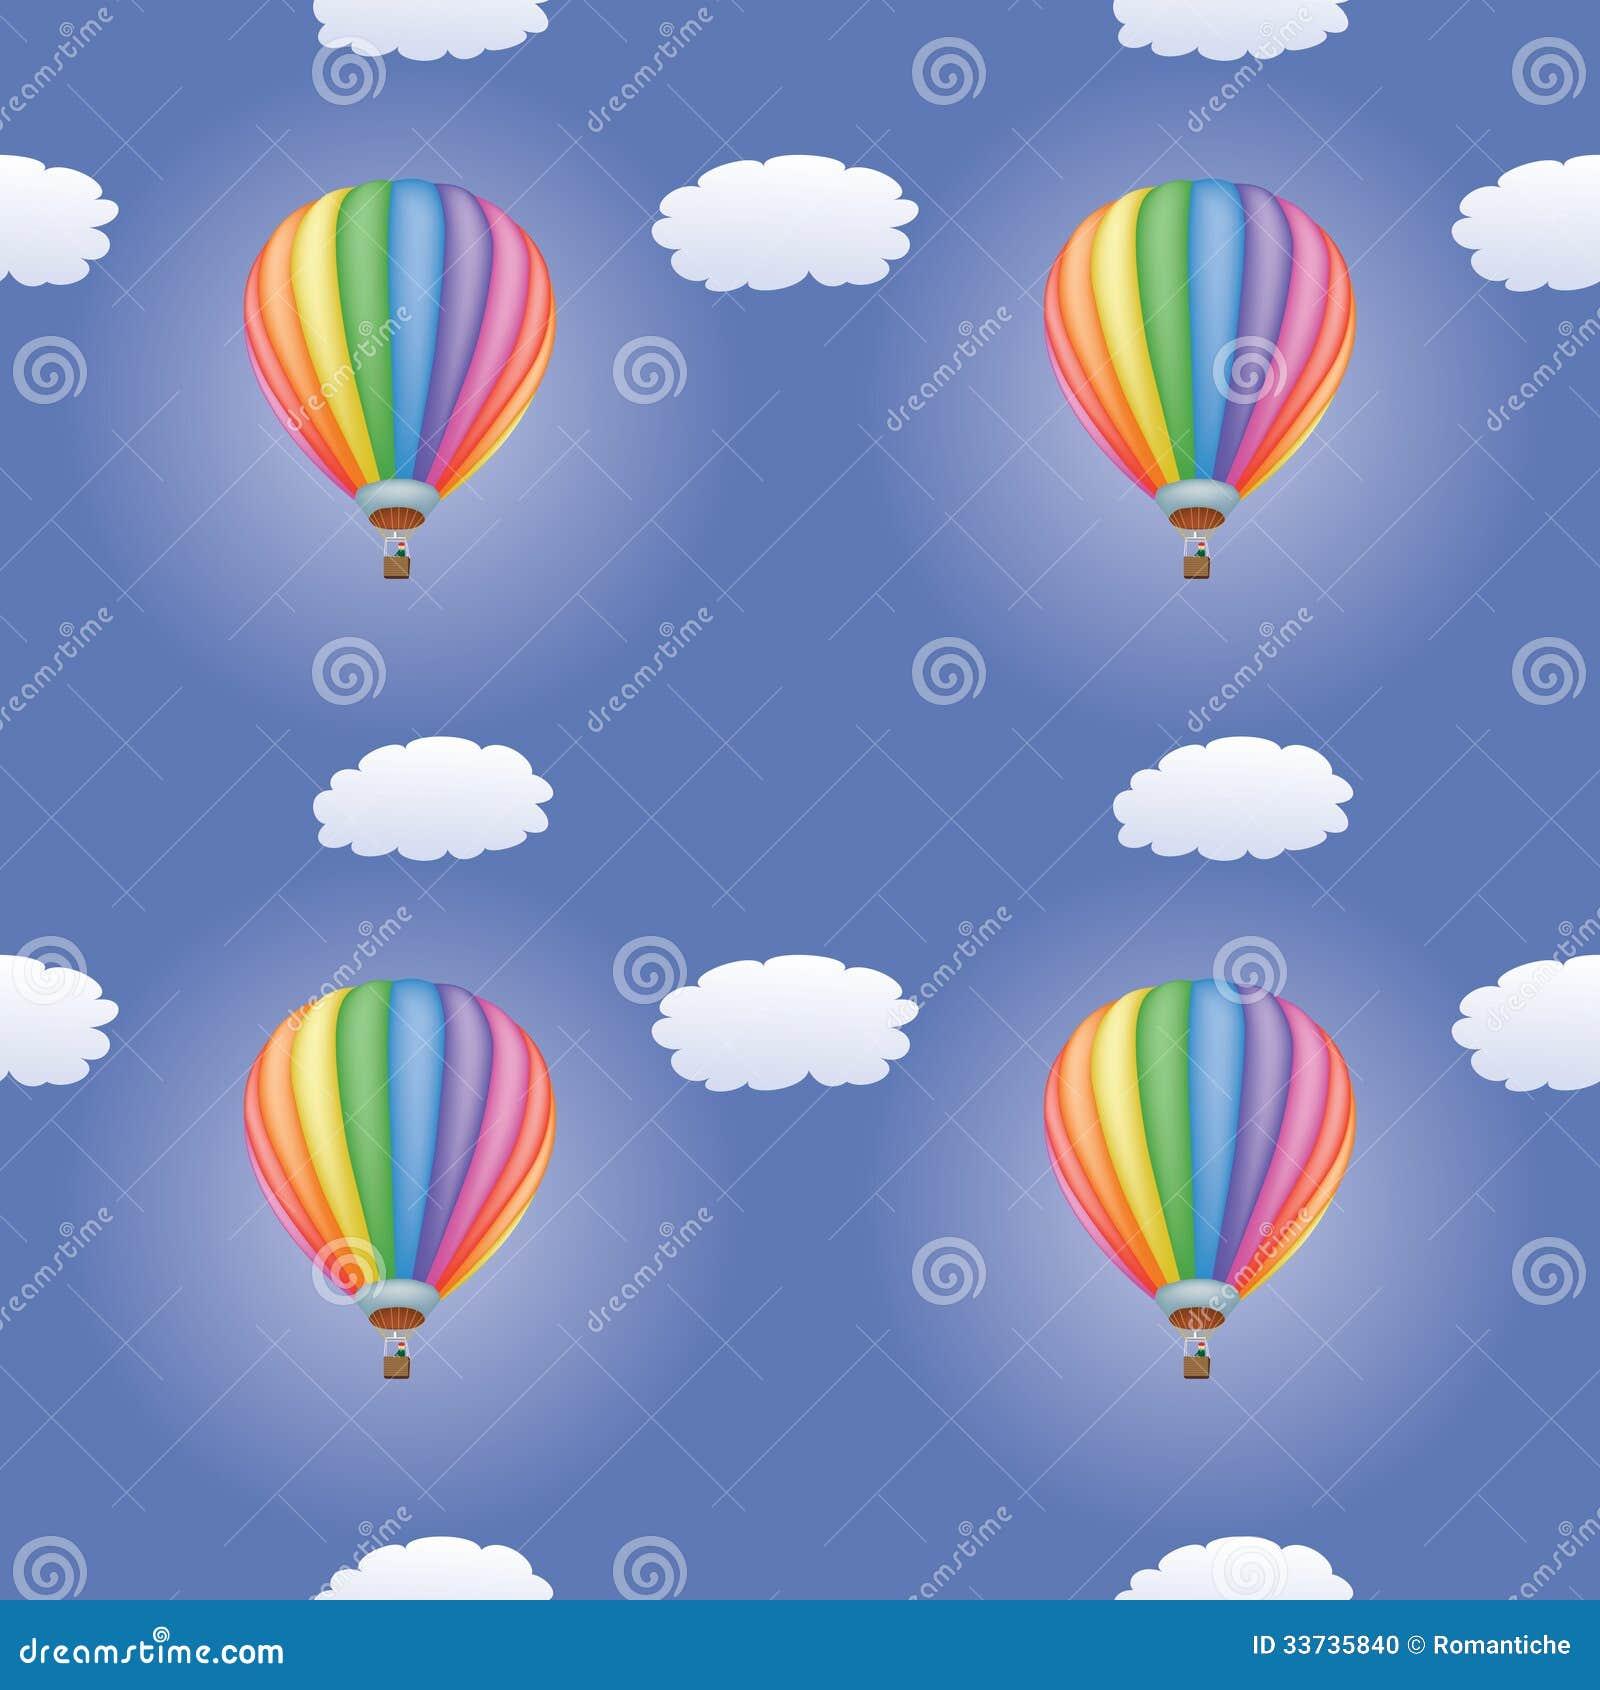 Картина с горячими воздушными шарами